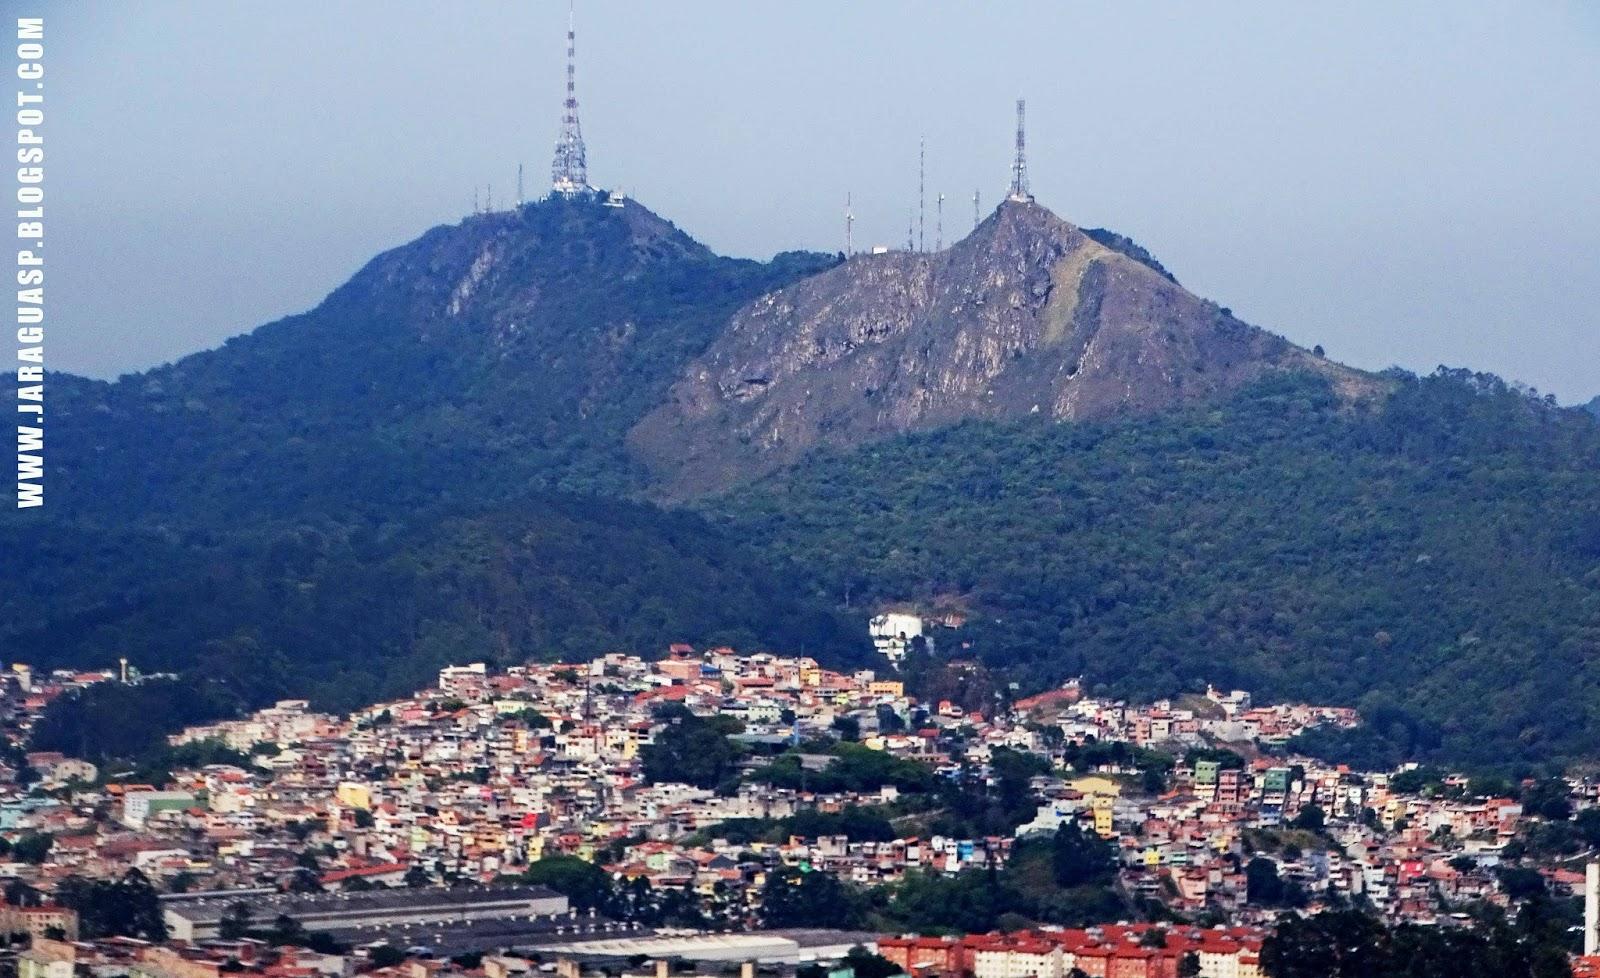 Picos do Jaraguá e do Papagaio com suas antenas em imagem de 2017. Foto: Marinaldo Pedrosa